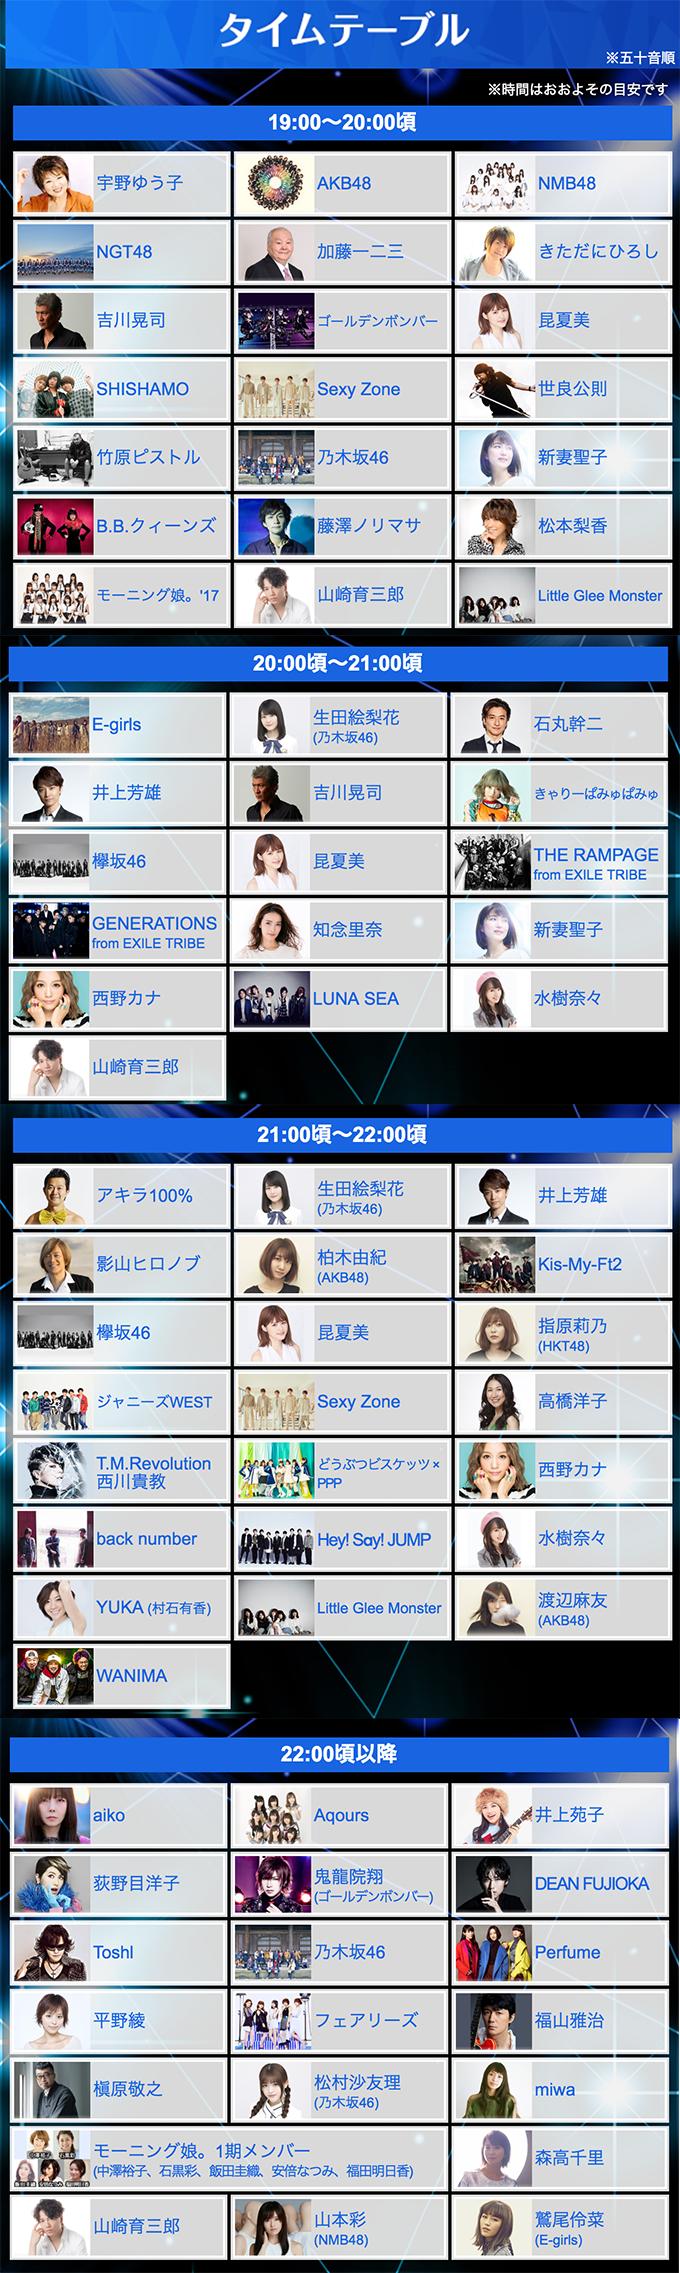 【実況・感想】2017 FNS歌謡祭 第2夜